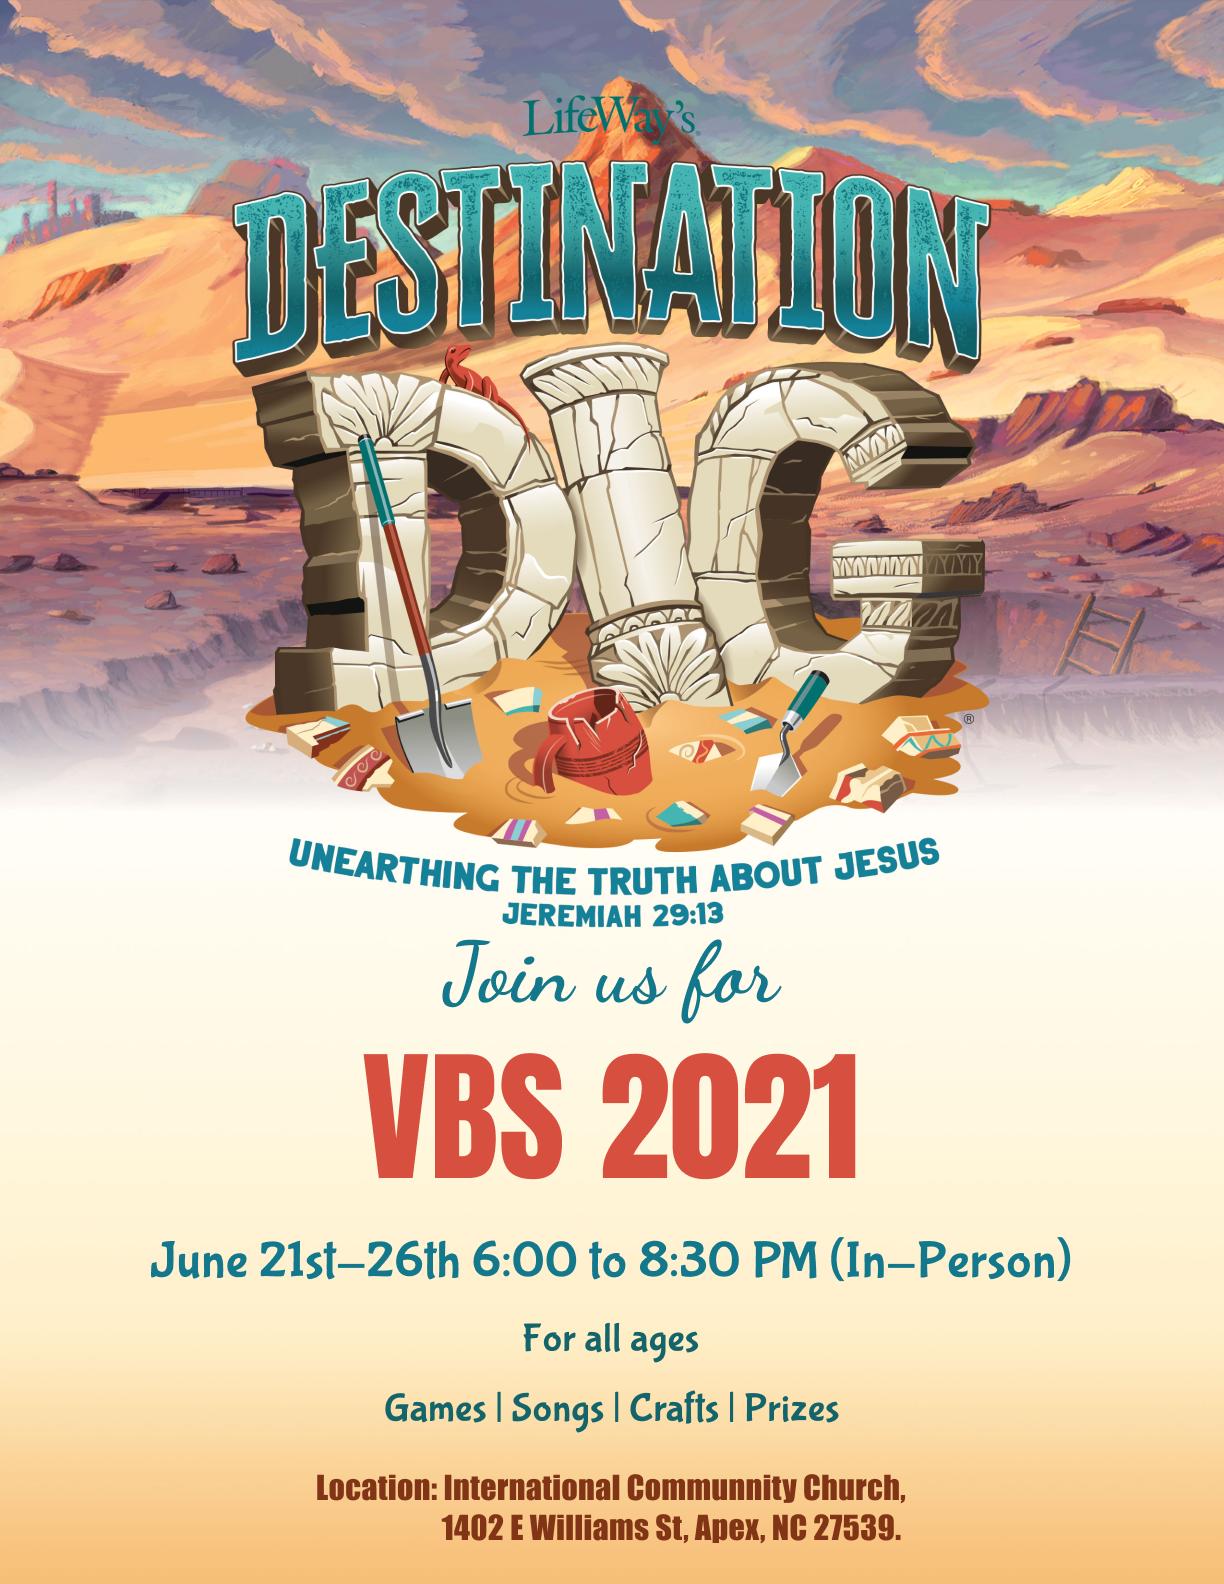 VBS Invitation flyer